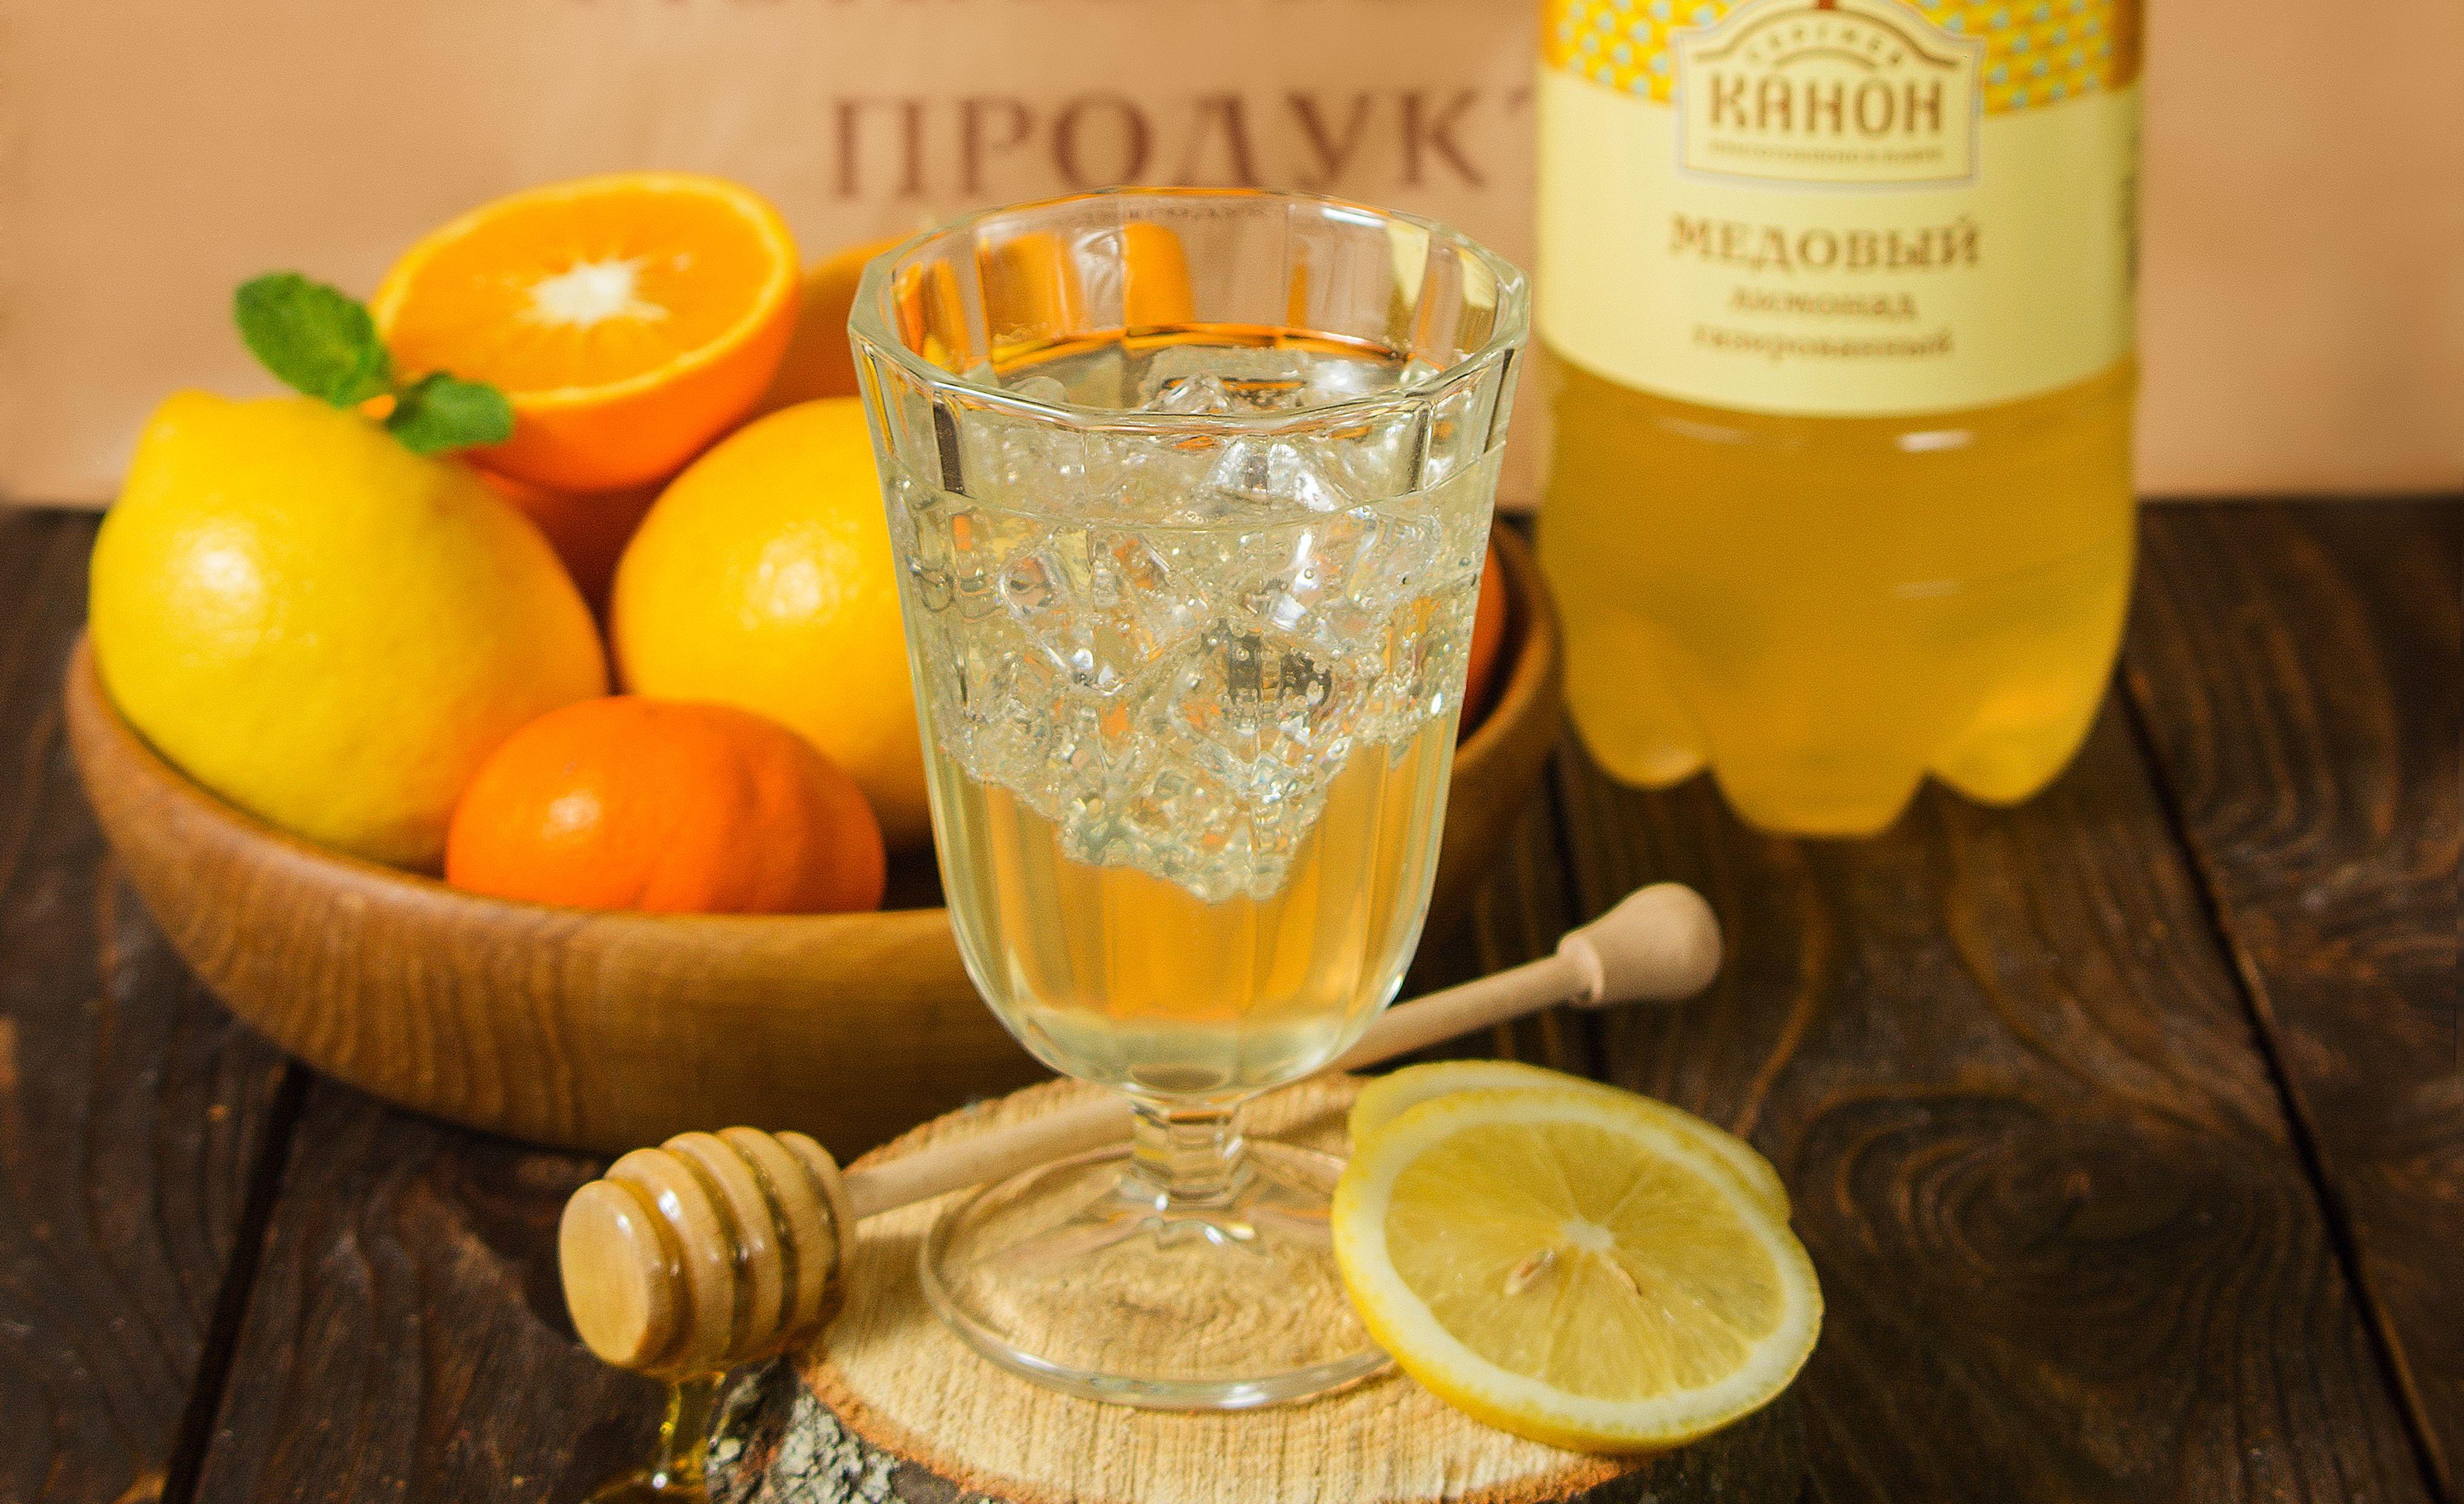 медовый лимонад Сергиев канон